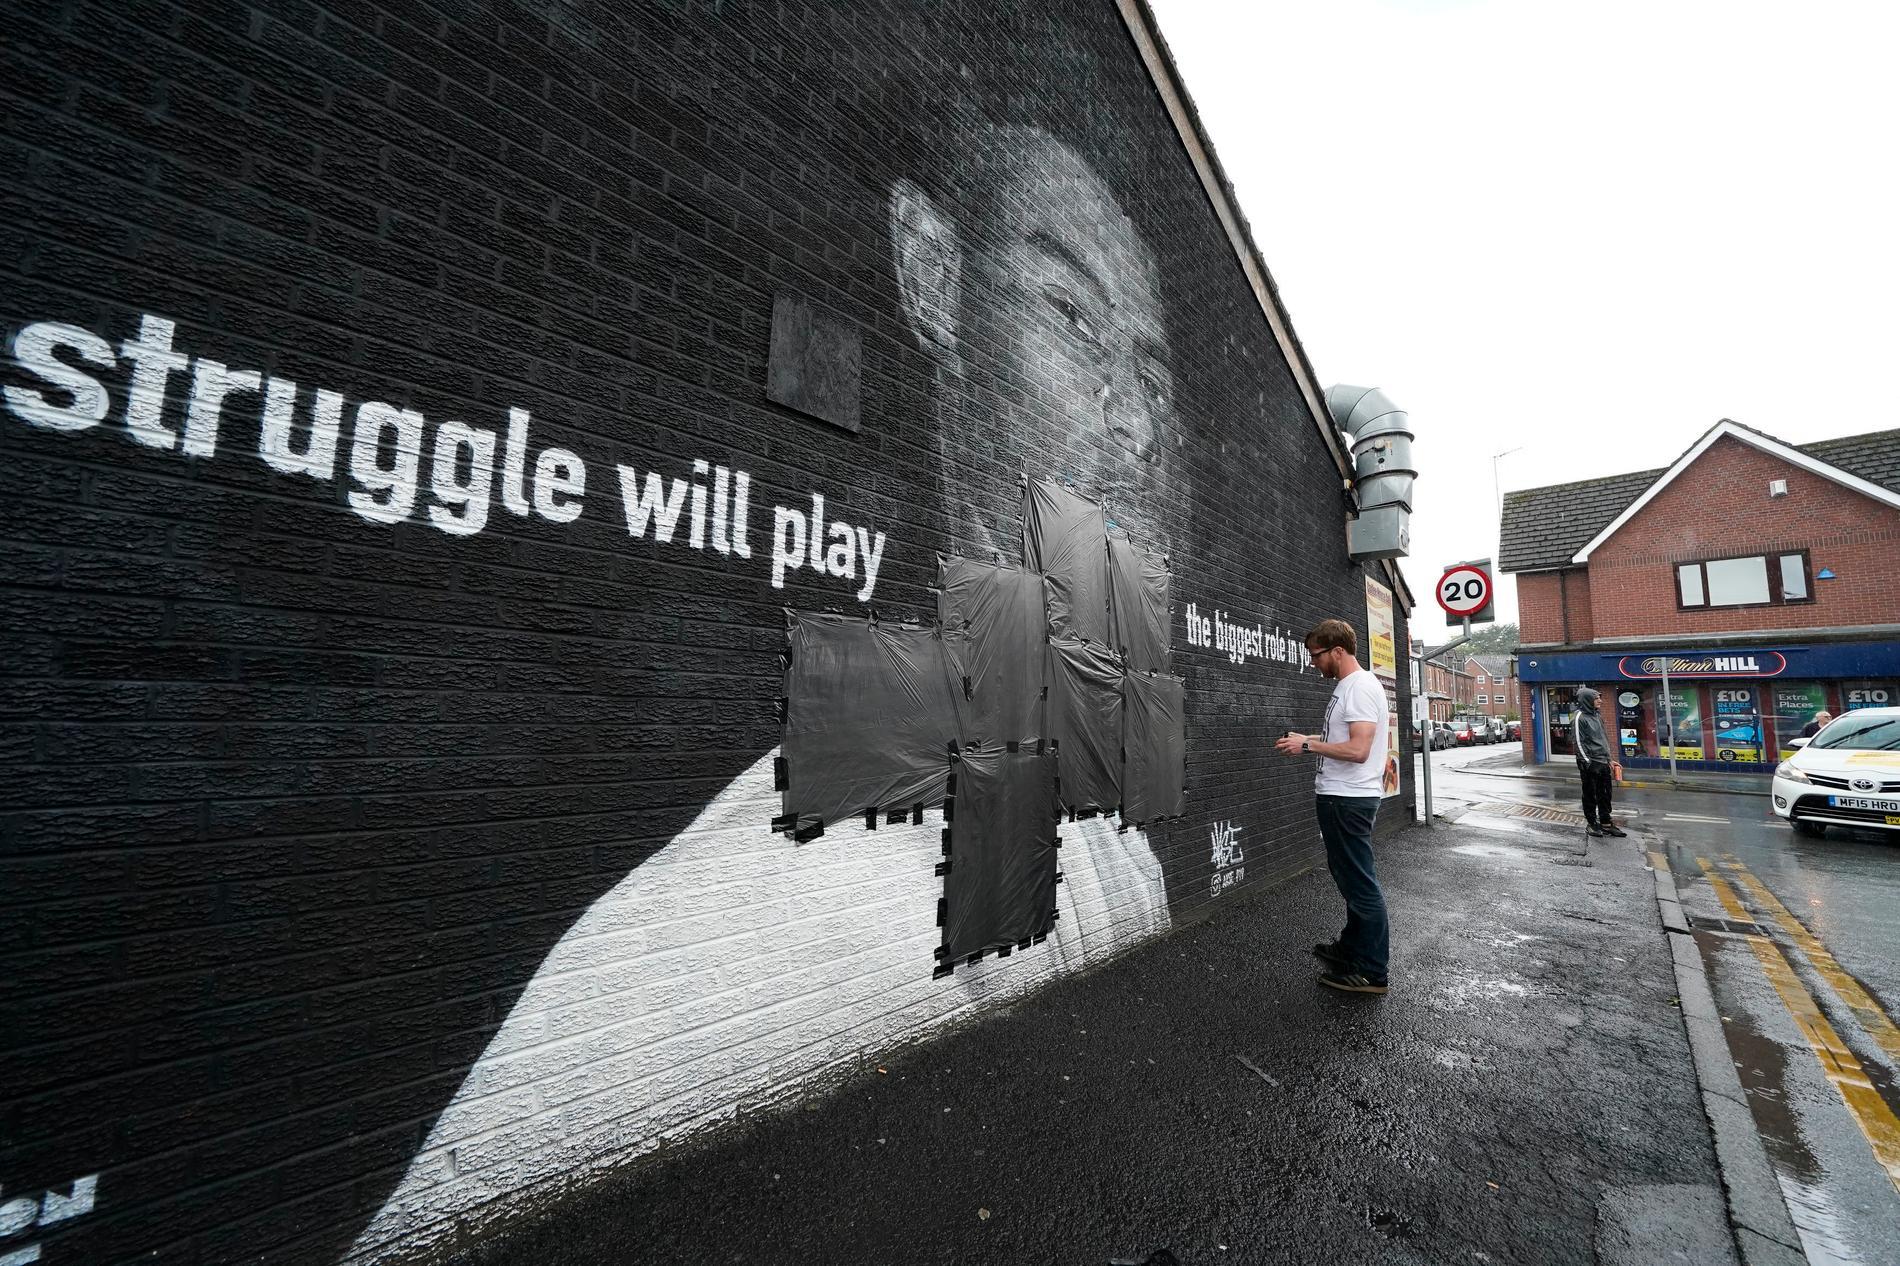 En väggmålning i Manchester föreställande Marcus Rashford har vandaliserats efter förlusten.